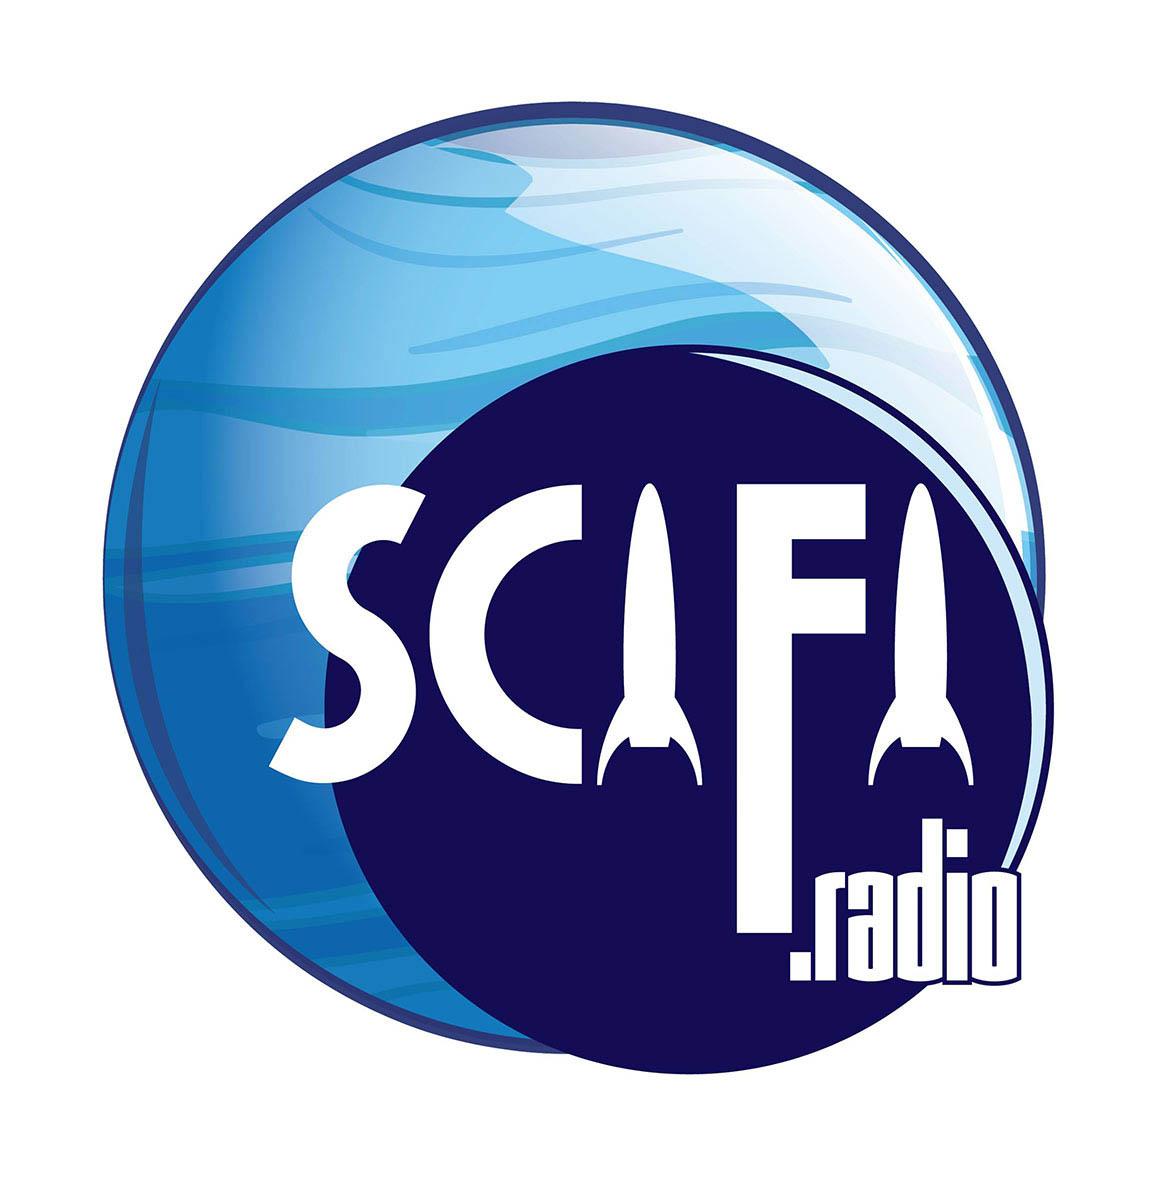 Now on SCIFI.Radio